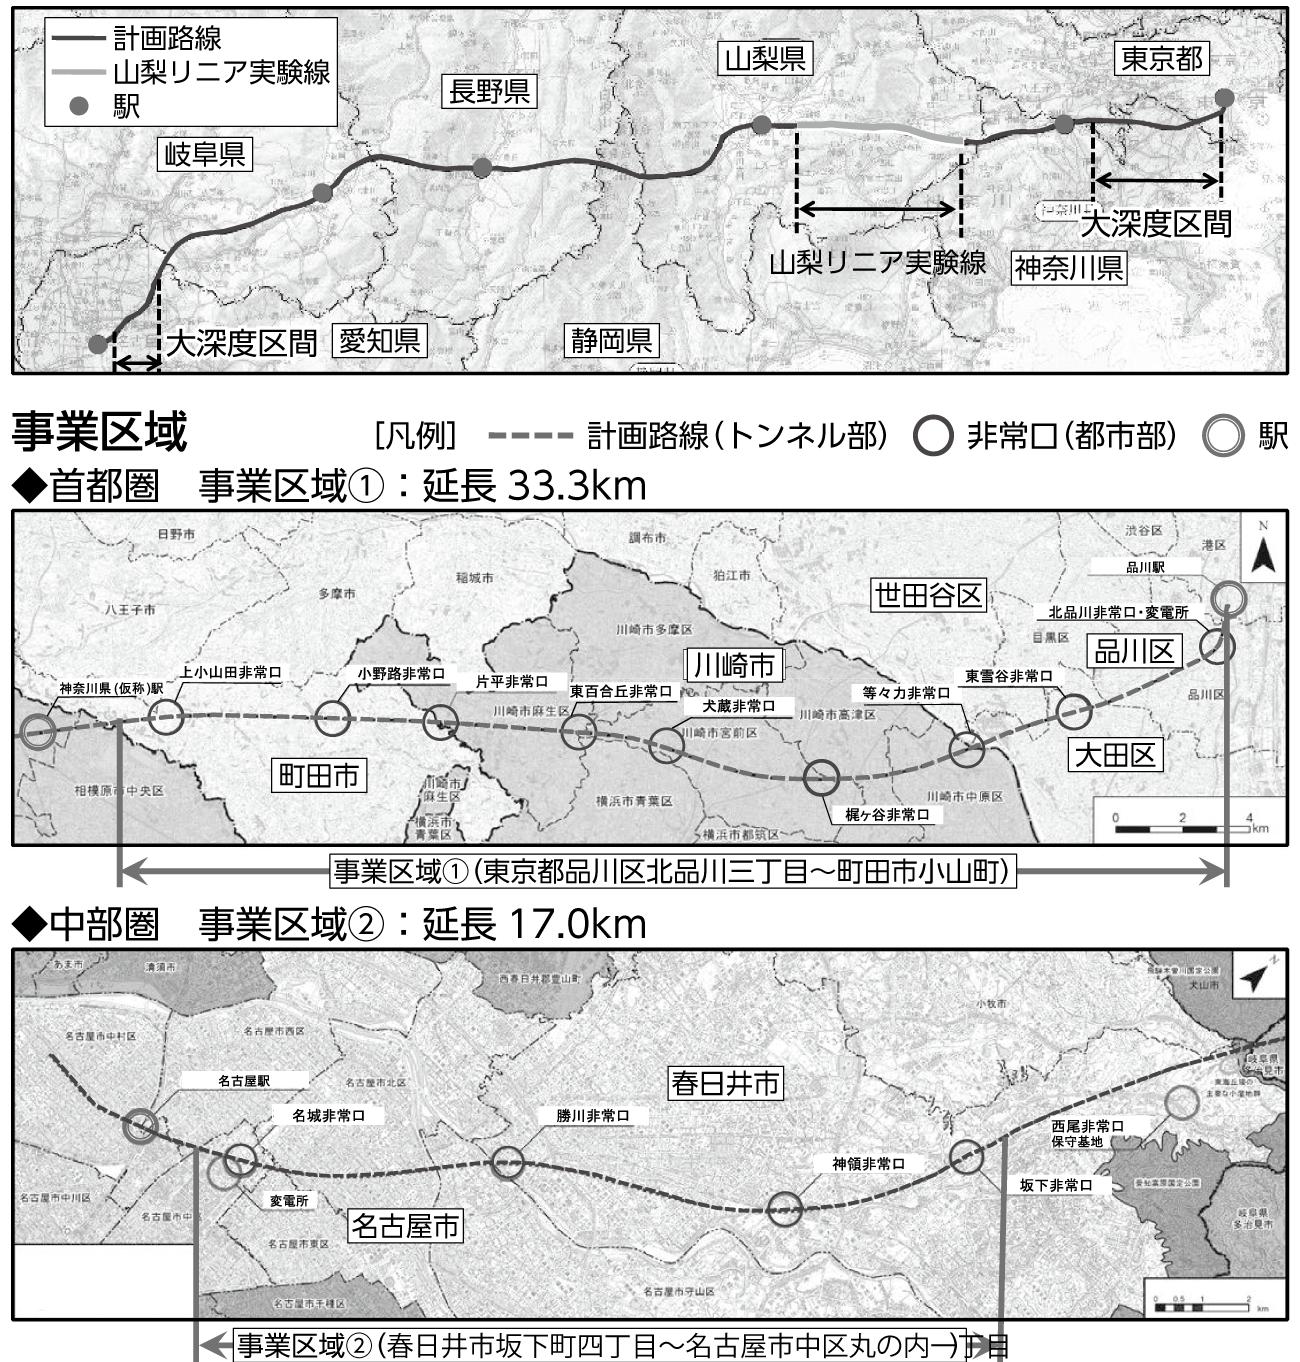 品川・名古屋間の工事実施計画(2014年10月、2018年3月に認可)